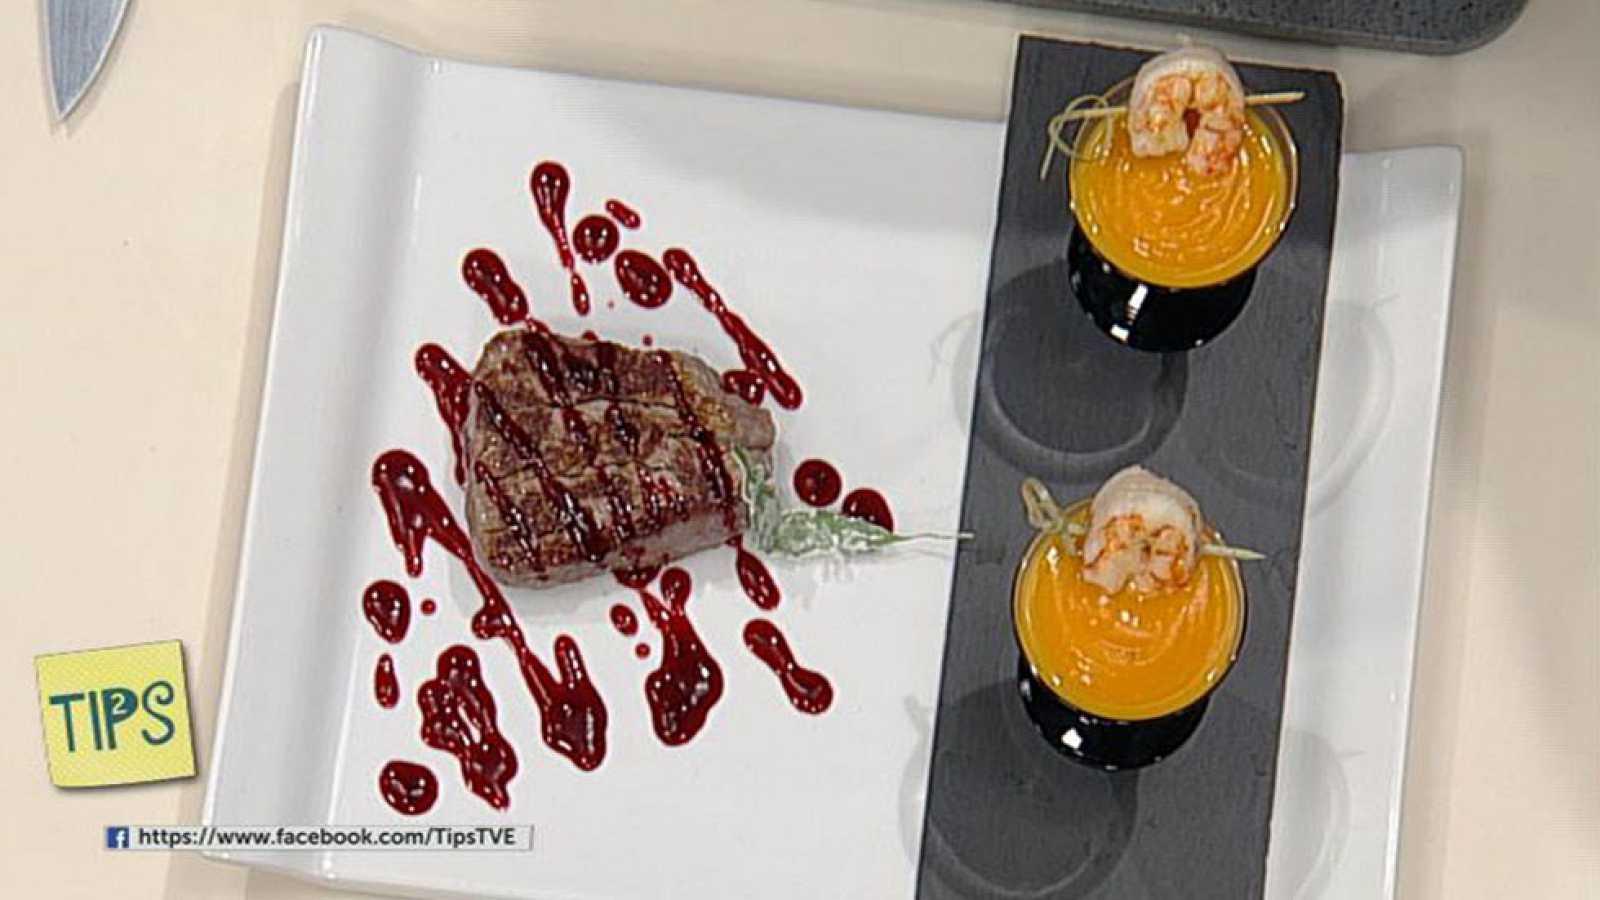 TIPS - Cocina - Crema bicolor, Solomillo de ternera con salsa frambuesa